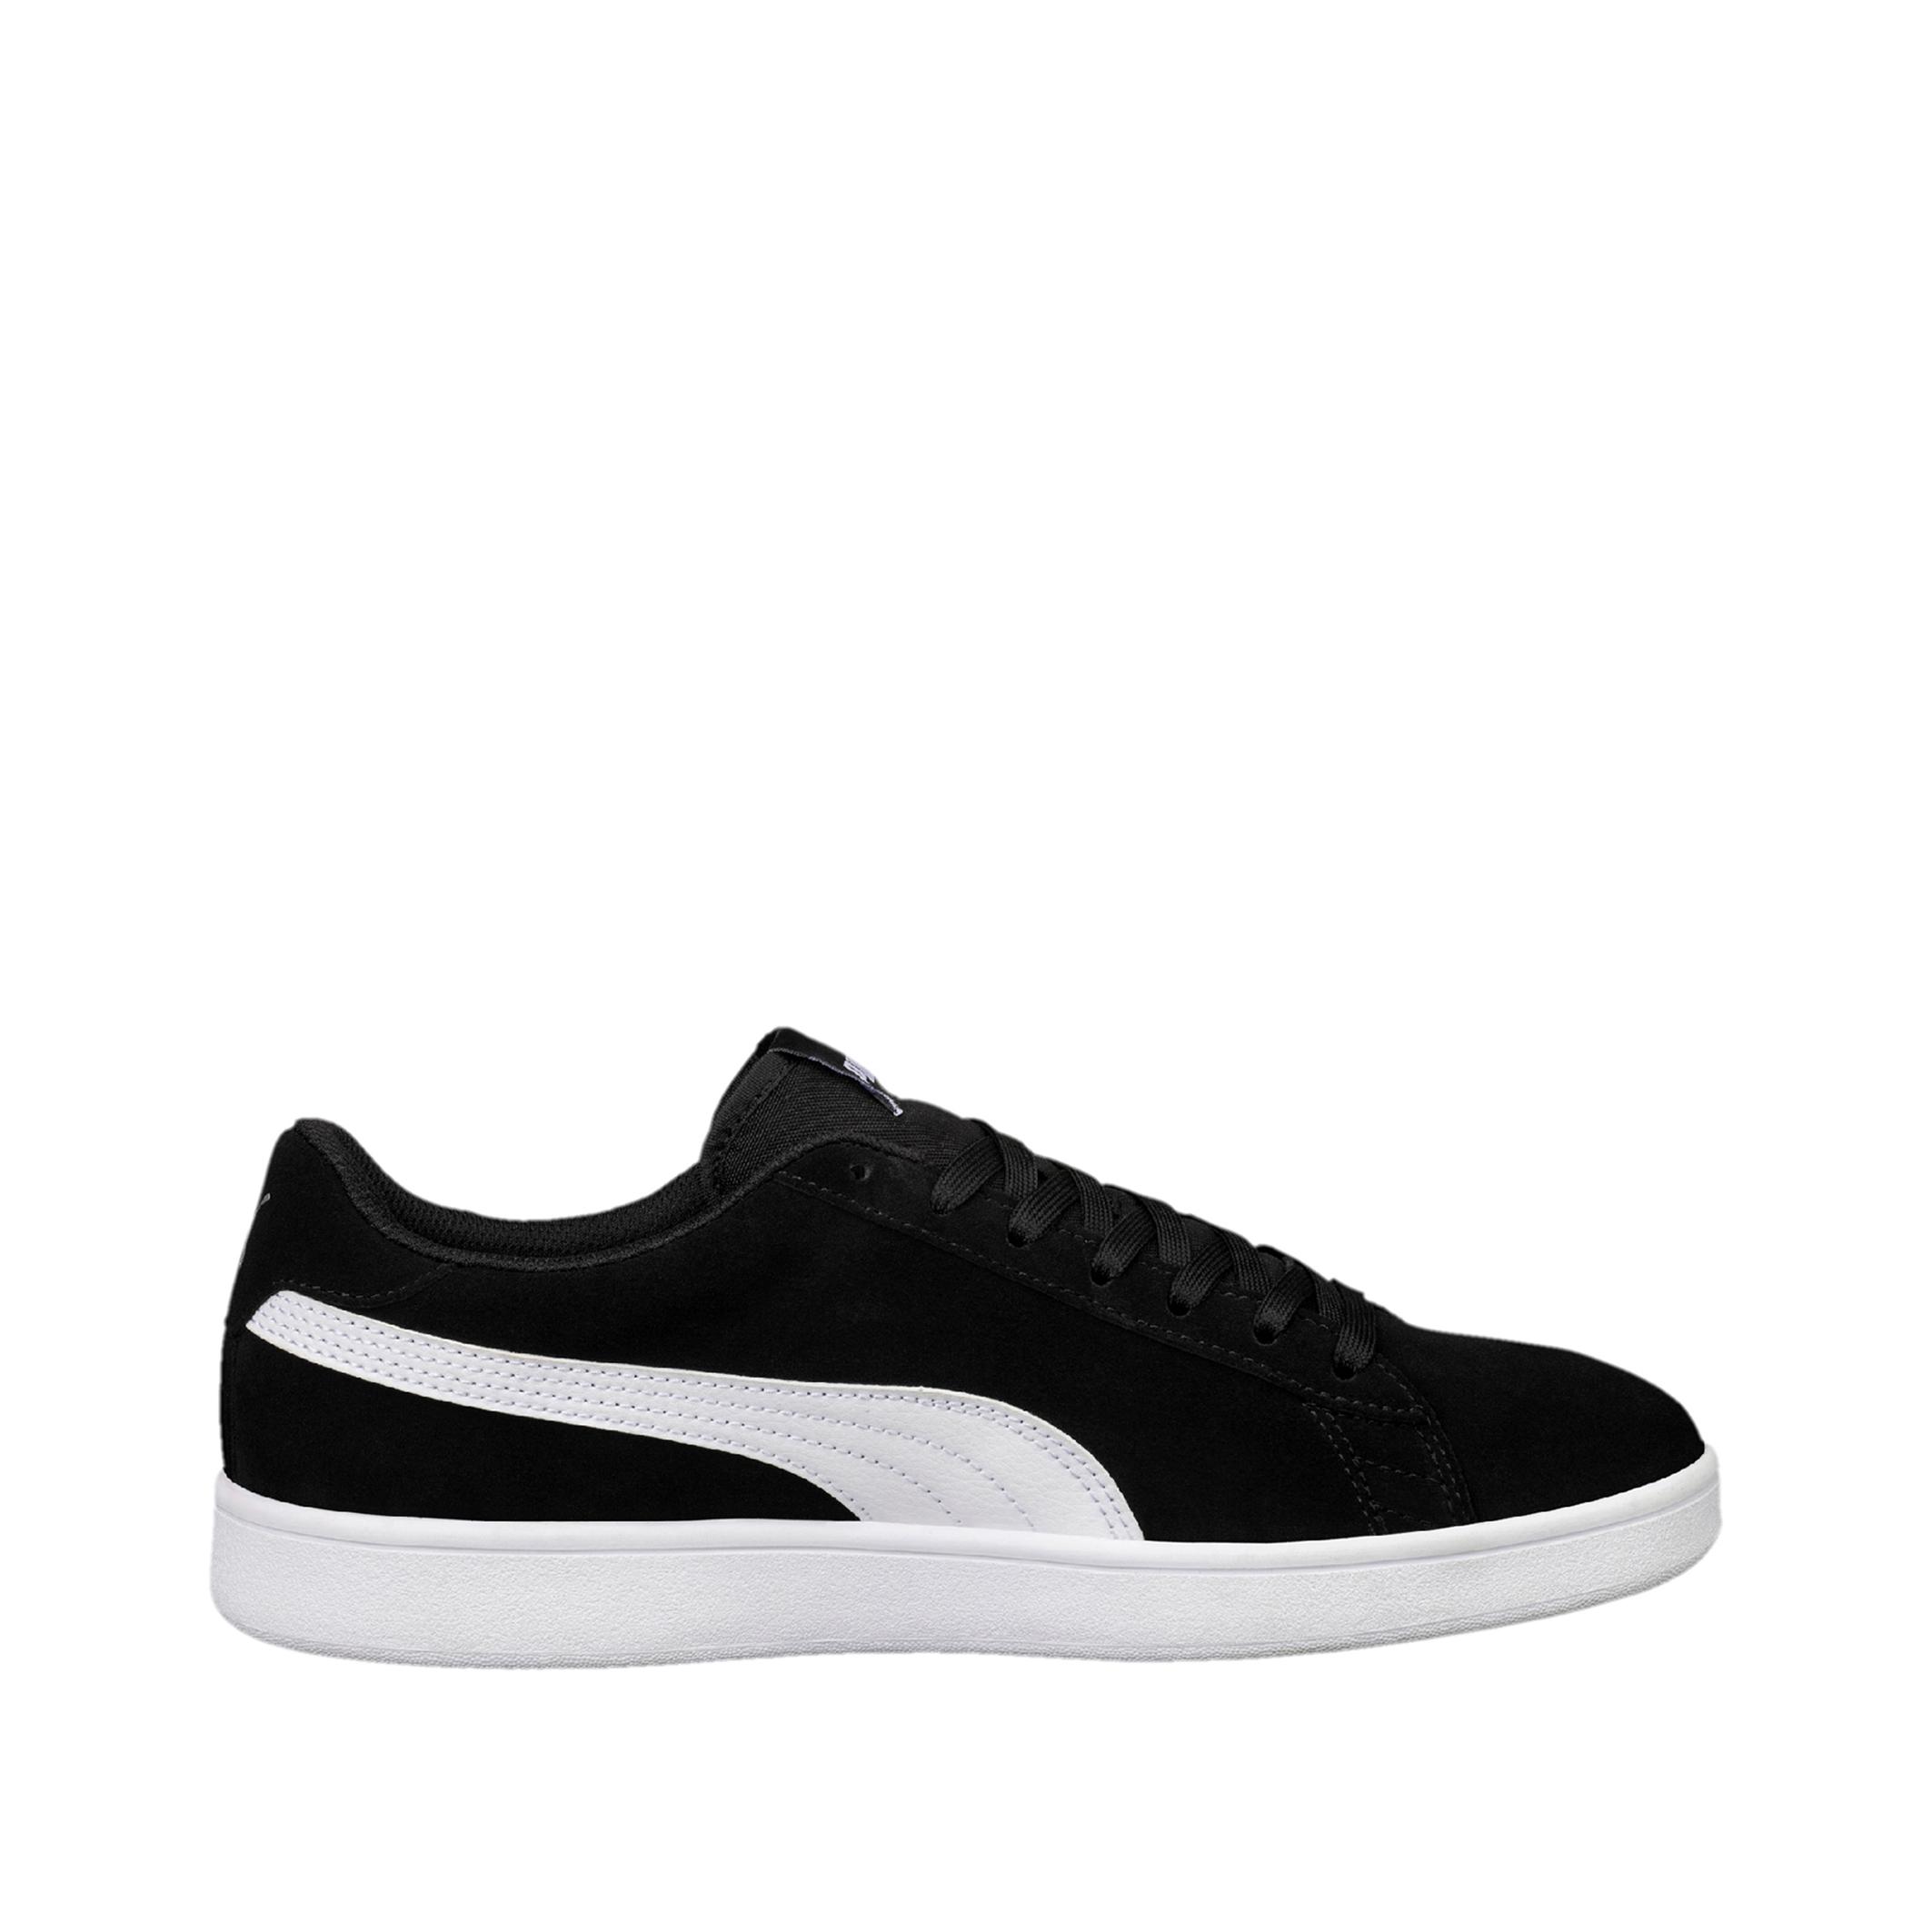 Puma Herensneakers voor sportief wandelen Smash v2 zwart/wit online kopen